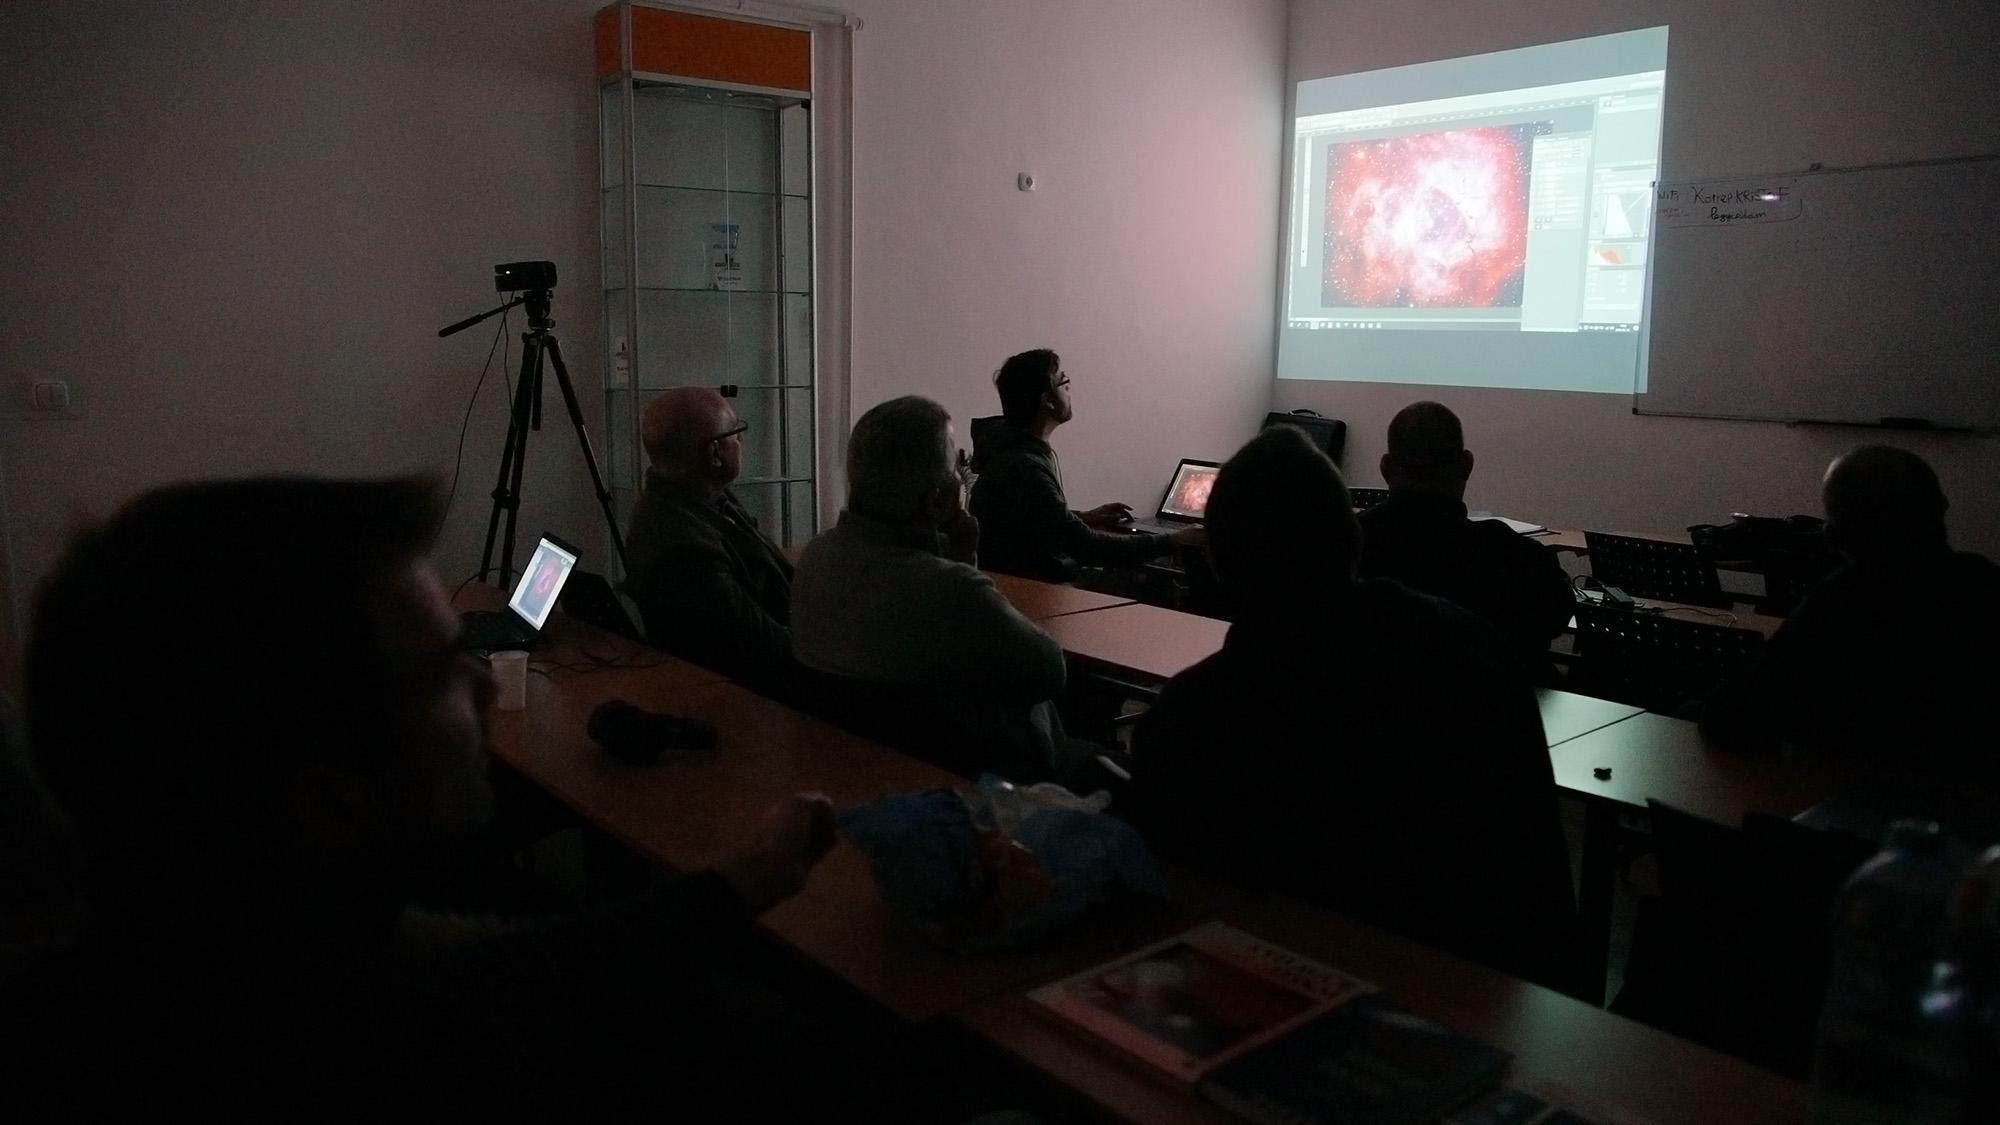 Feltóti Péter a Rozetta-köd fotója felett magyaráz hasznos információkat az UHC szűrős képek kombinációjáról.